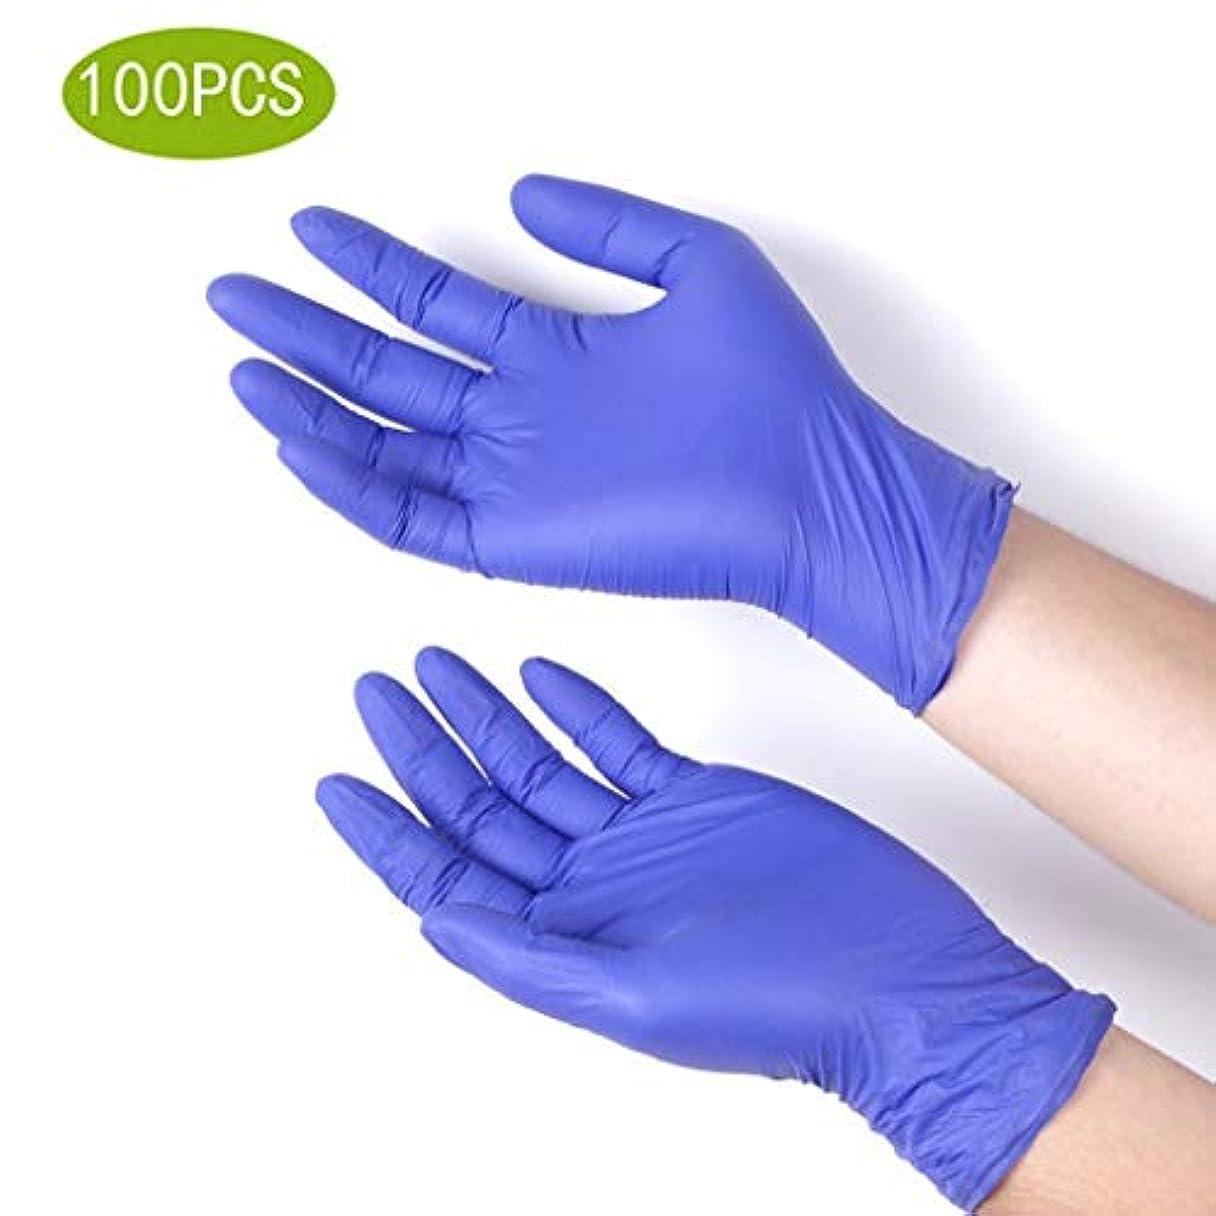 保証金確立します顕微鏡ニトリル検査用手袋、医療用グレード、使い捨て、食品安全、非ラテックス、厚さ4ミル、パウダーフリー、青色、医療検査用手袋100(s-XL)の便利なディスペンサーパック (Size : M)